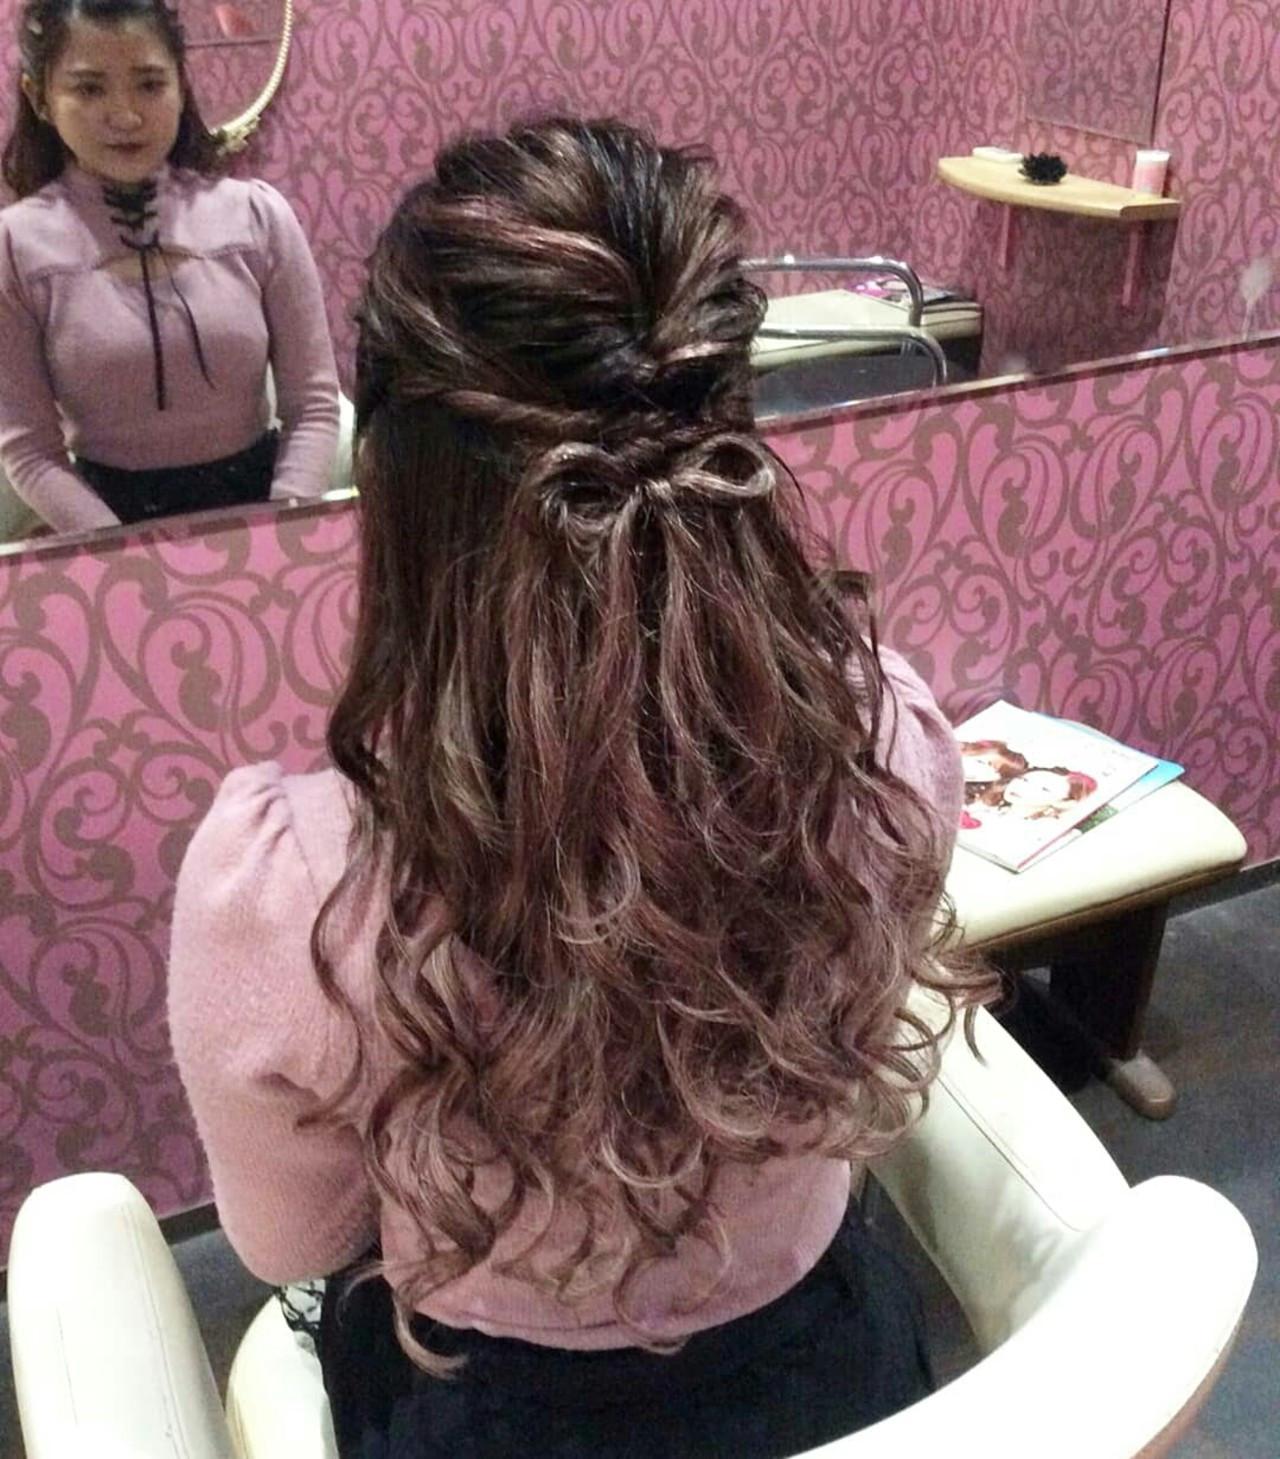 ナチュラル ヘアアレンジ ロング ハーフアップ ヘアスタイルや髪型の写真・画像